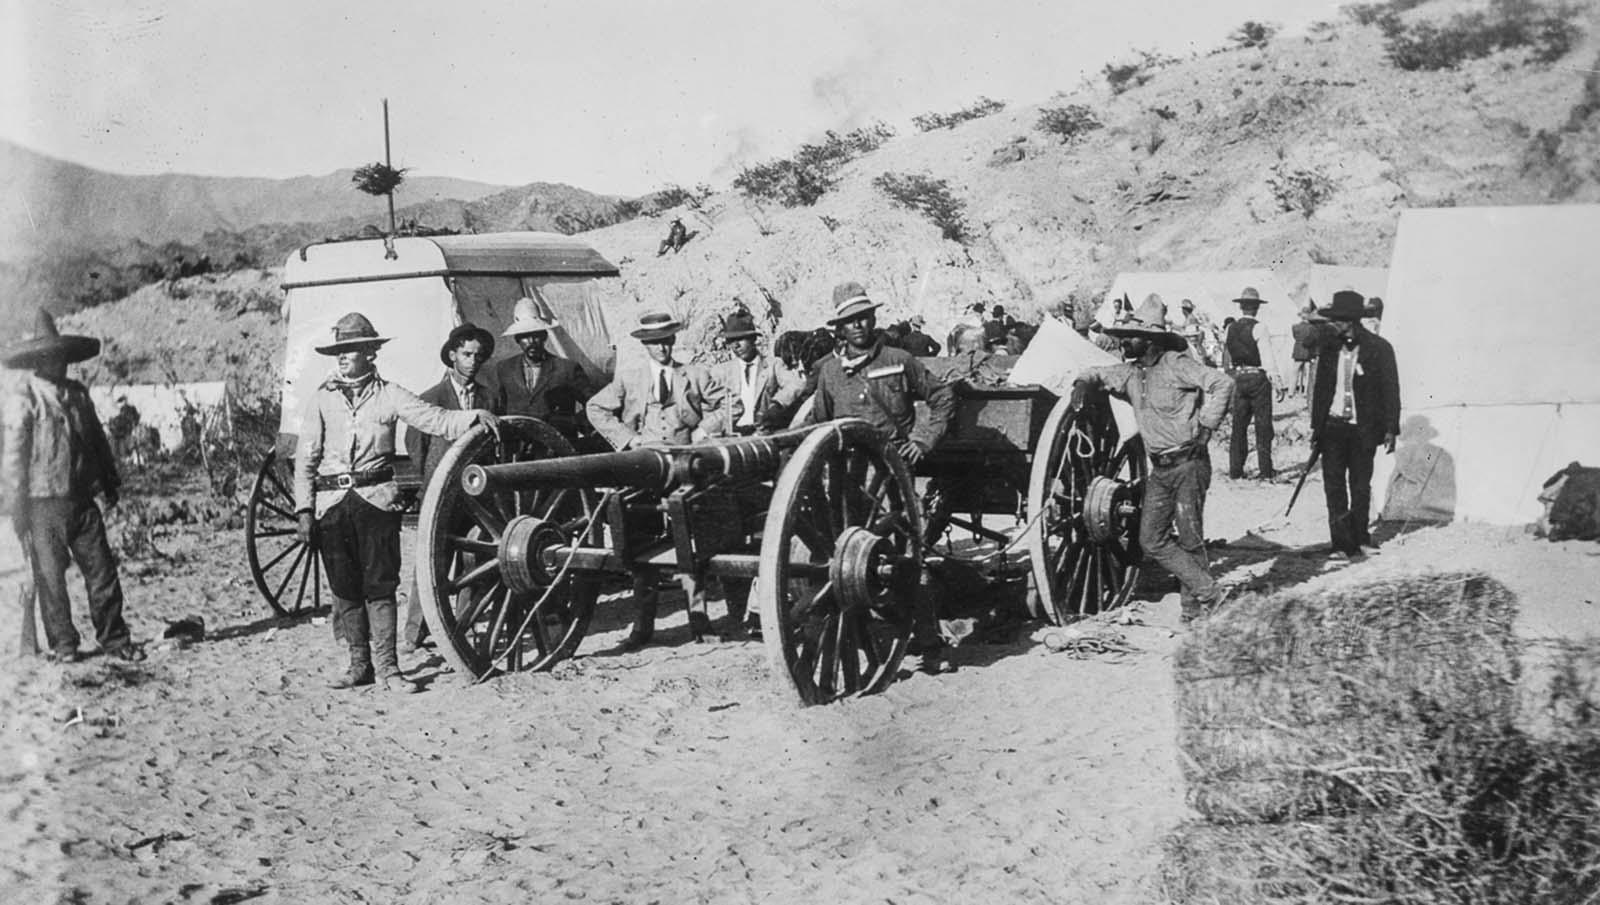 Lázadók által épített ágyú, amelyet a szövetségi erők kisajátítottak.